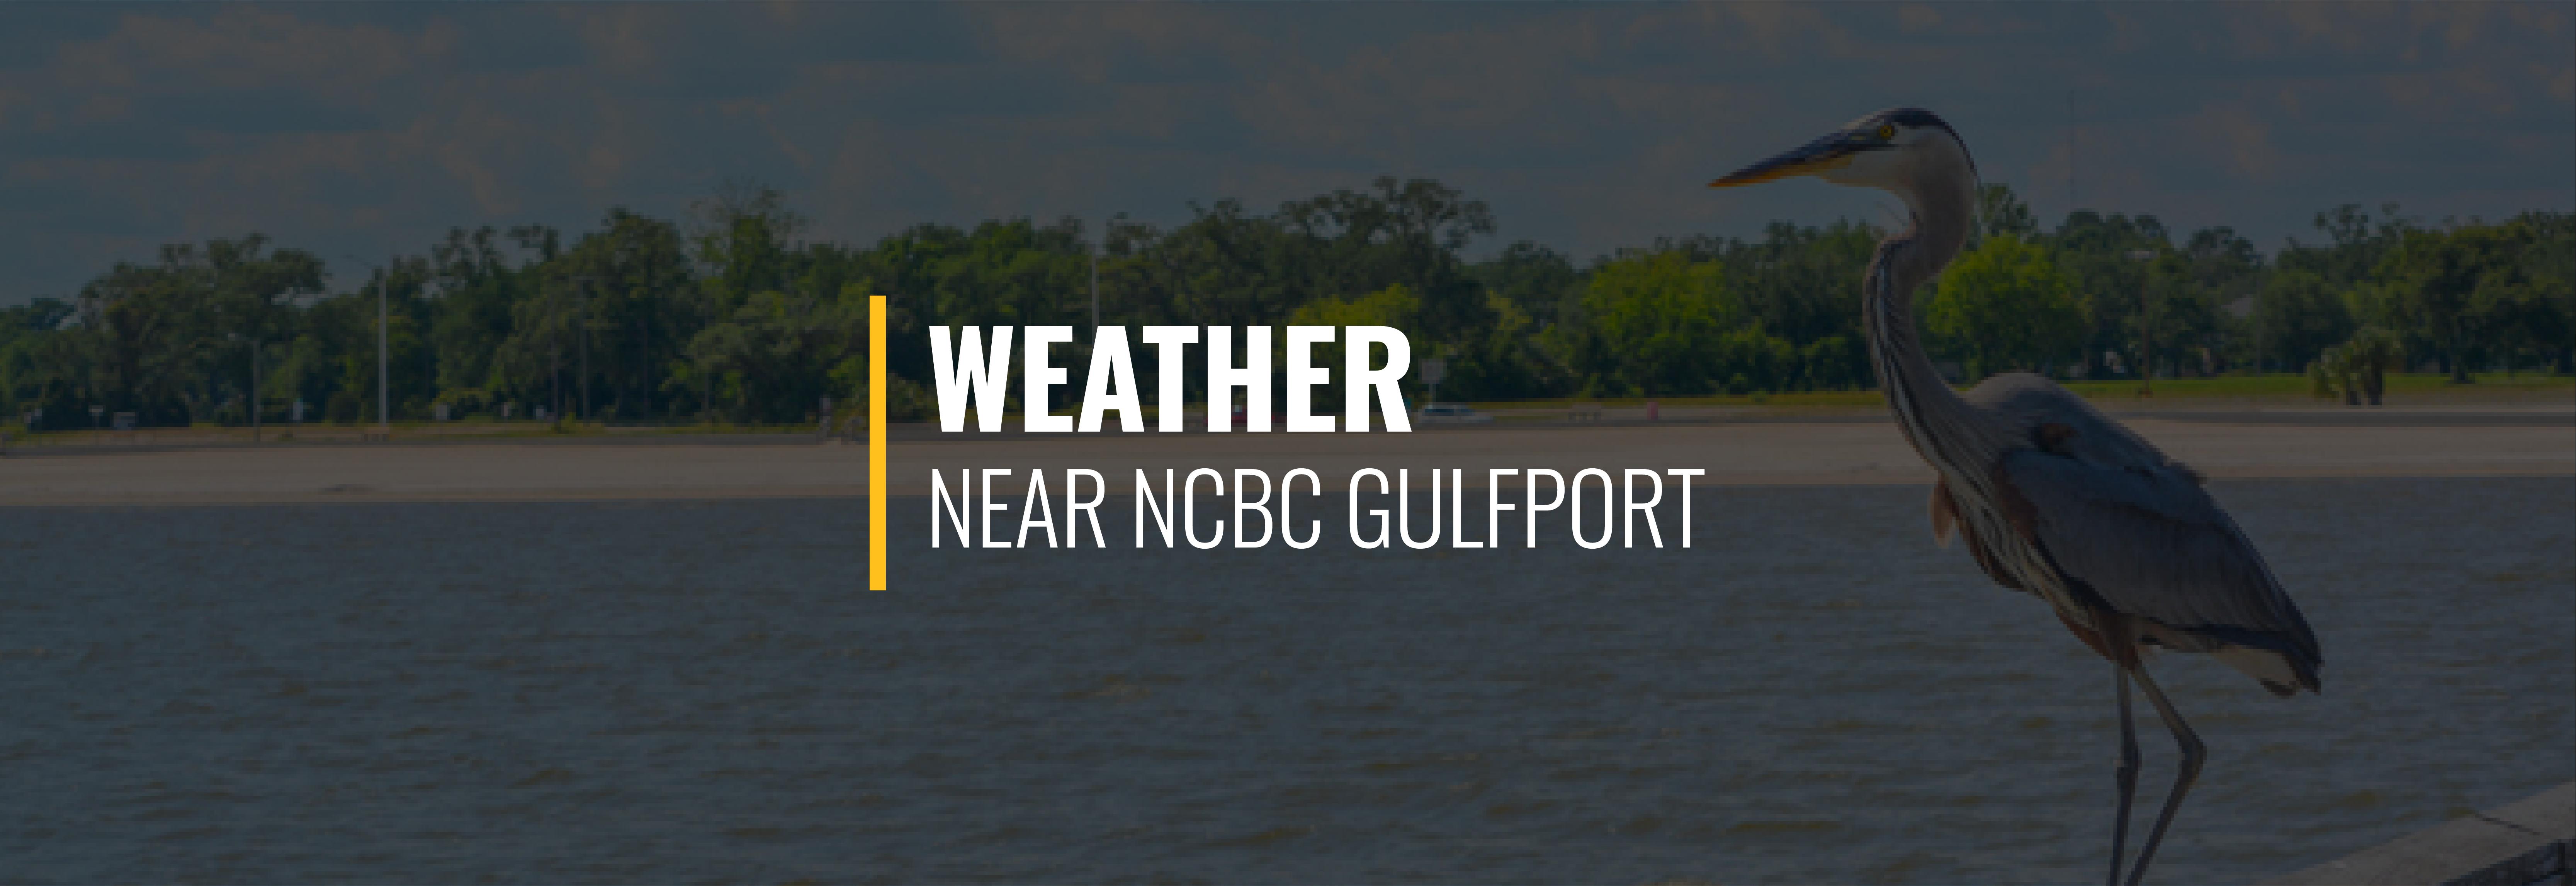 NCBC Gulfport Weather